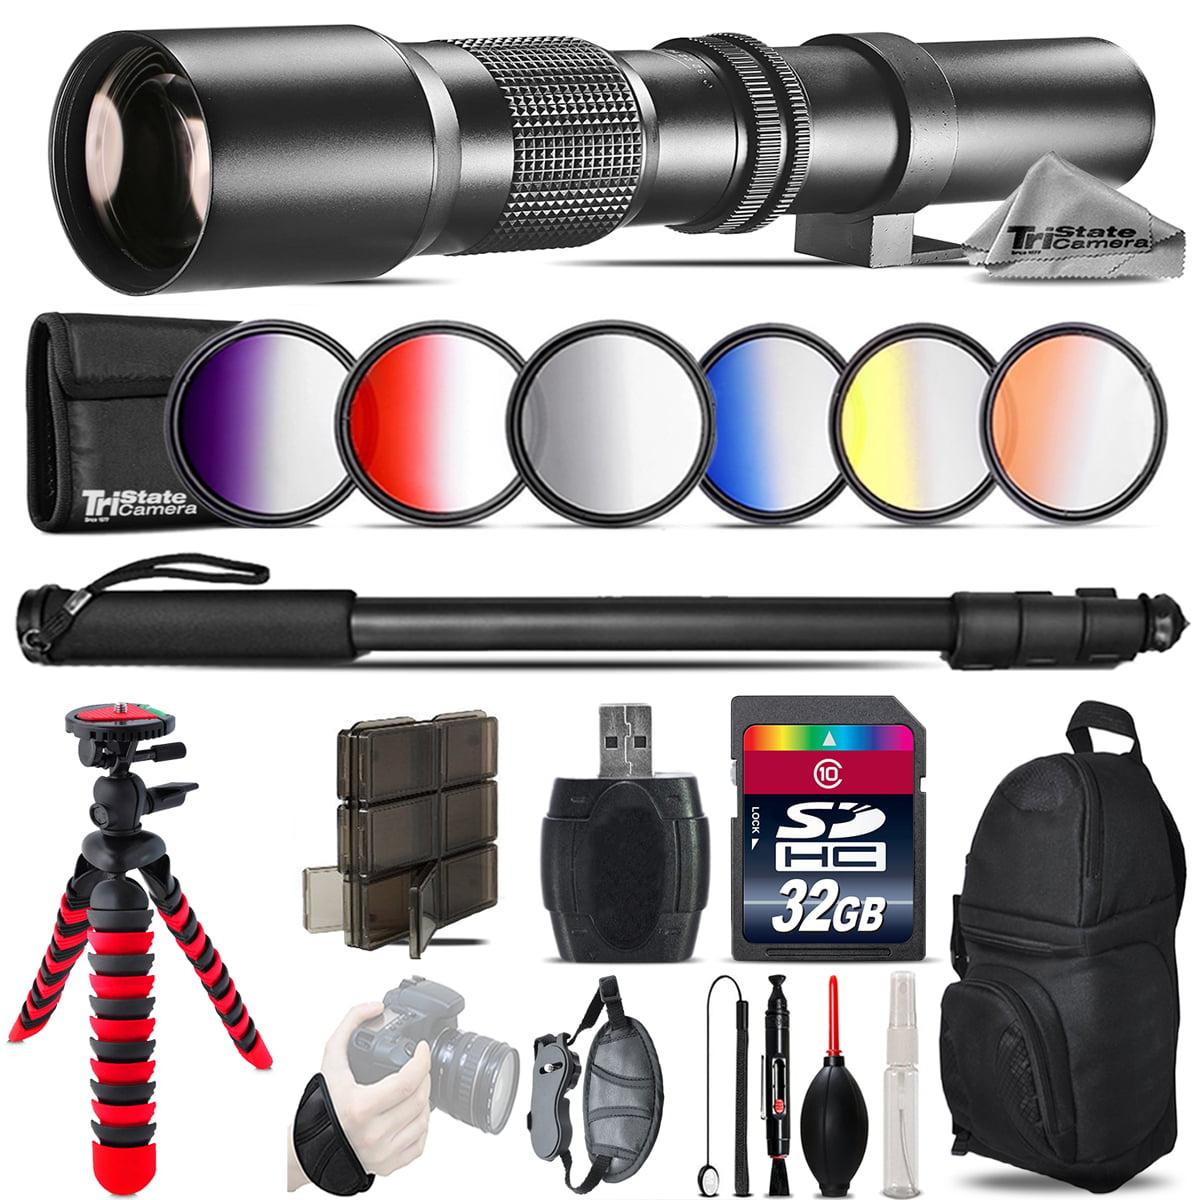 500mm Telephoto Lens for Nikon D5600 D7500 + Flexible Tripod & More - 32GB Kit